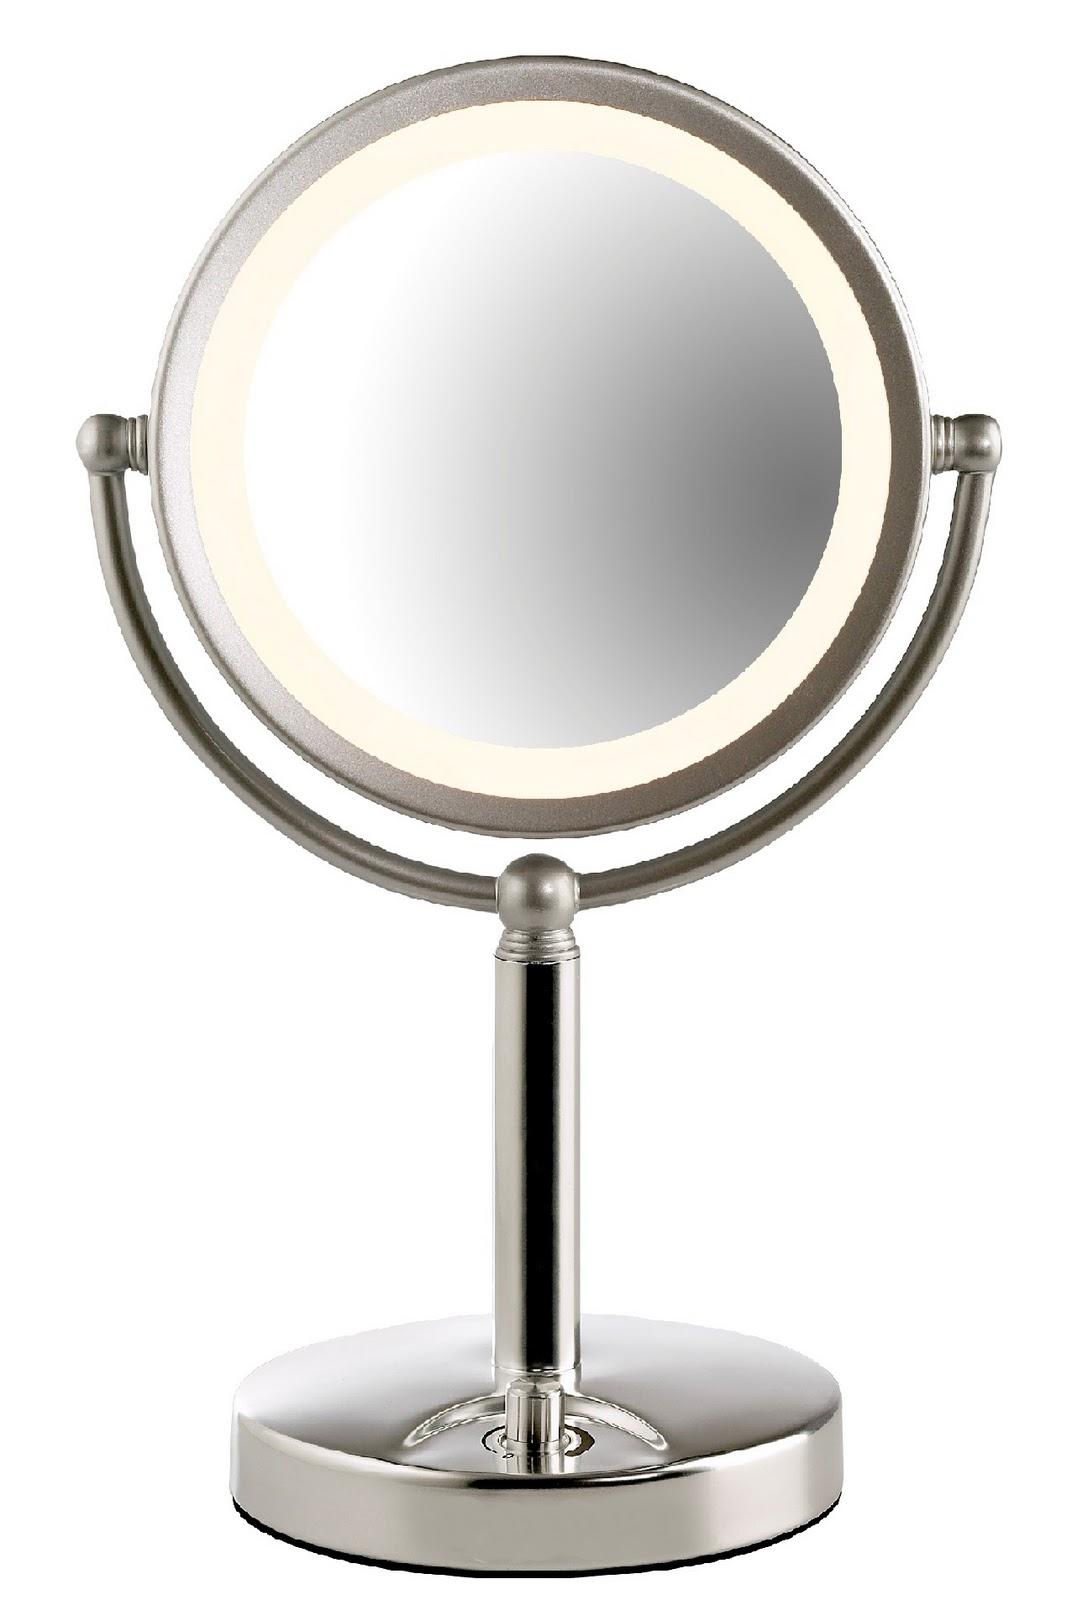 Il blog delle vanita 39 babyliss mirror mirror mirror on the wall - Specchio babyliss 8438e ...